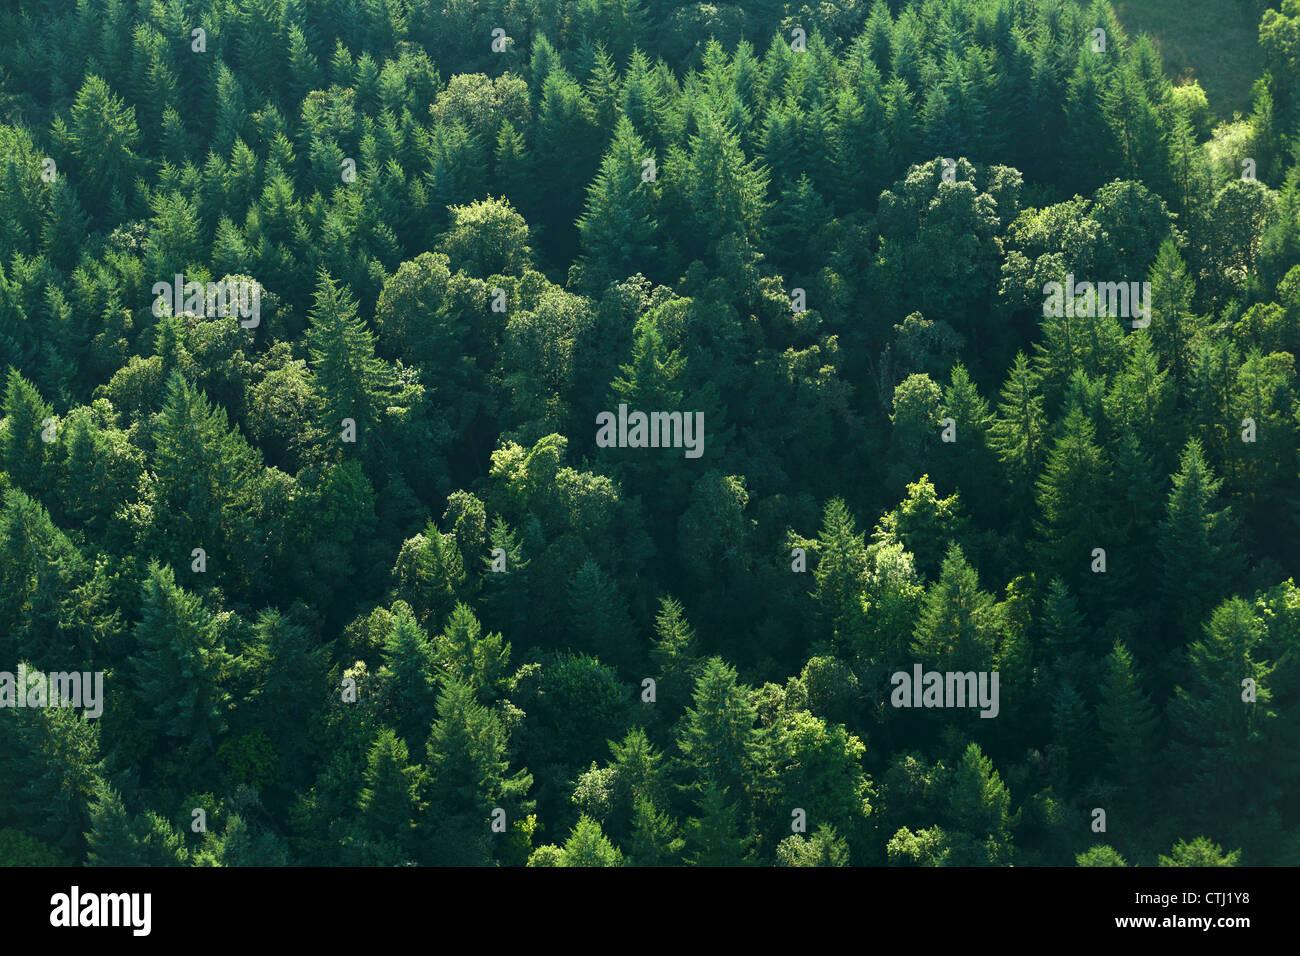 Vista aerea di alberi in foresta Immagini Stock